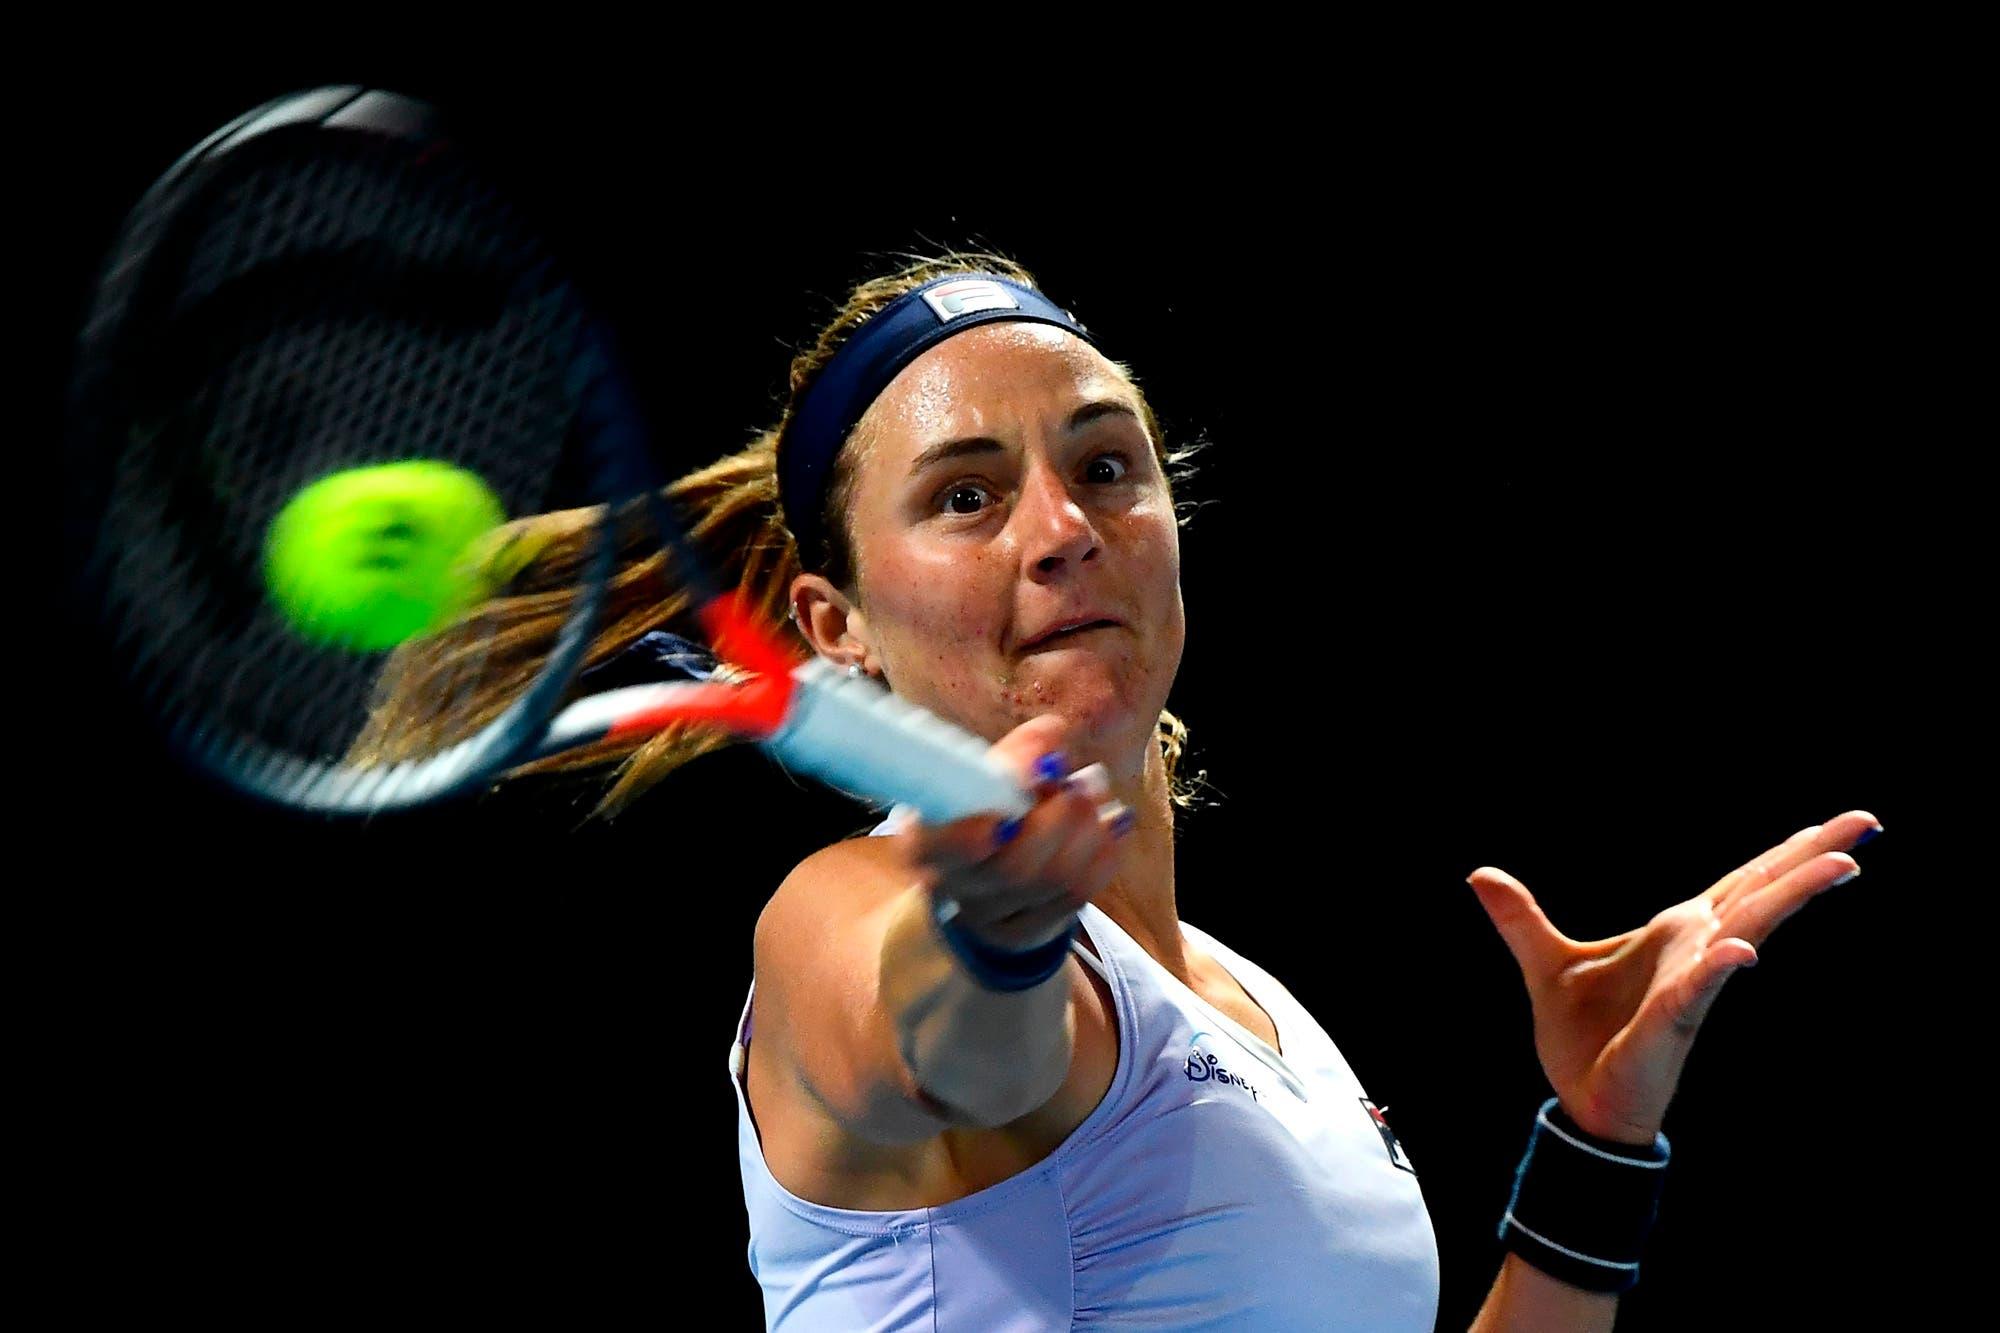 Título: Impacto: Podoroska le ganó a la número 9 del ranking mundial en Melbourne